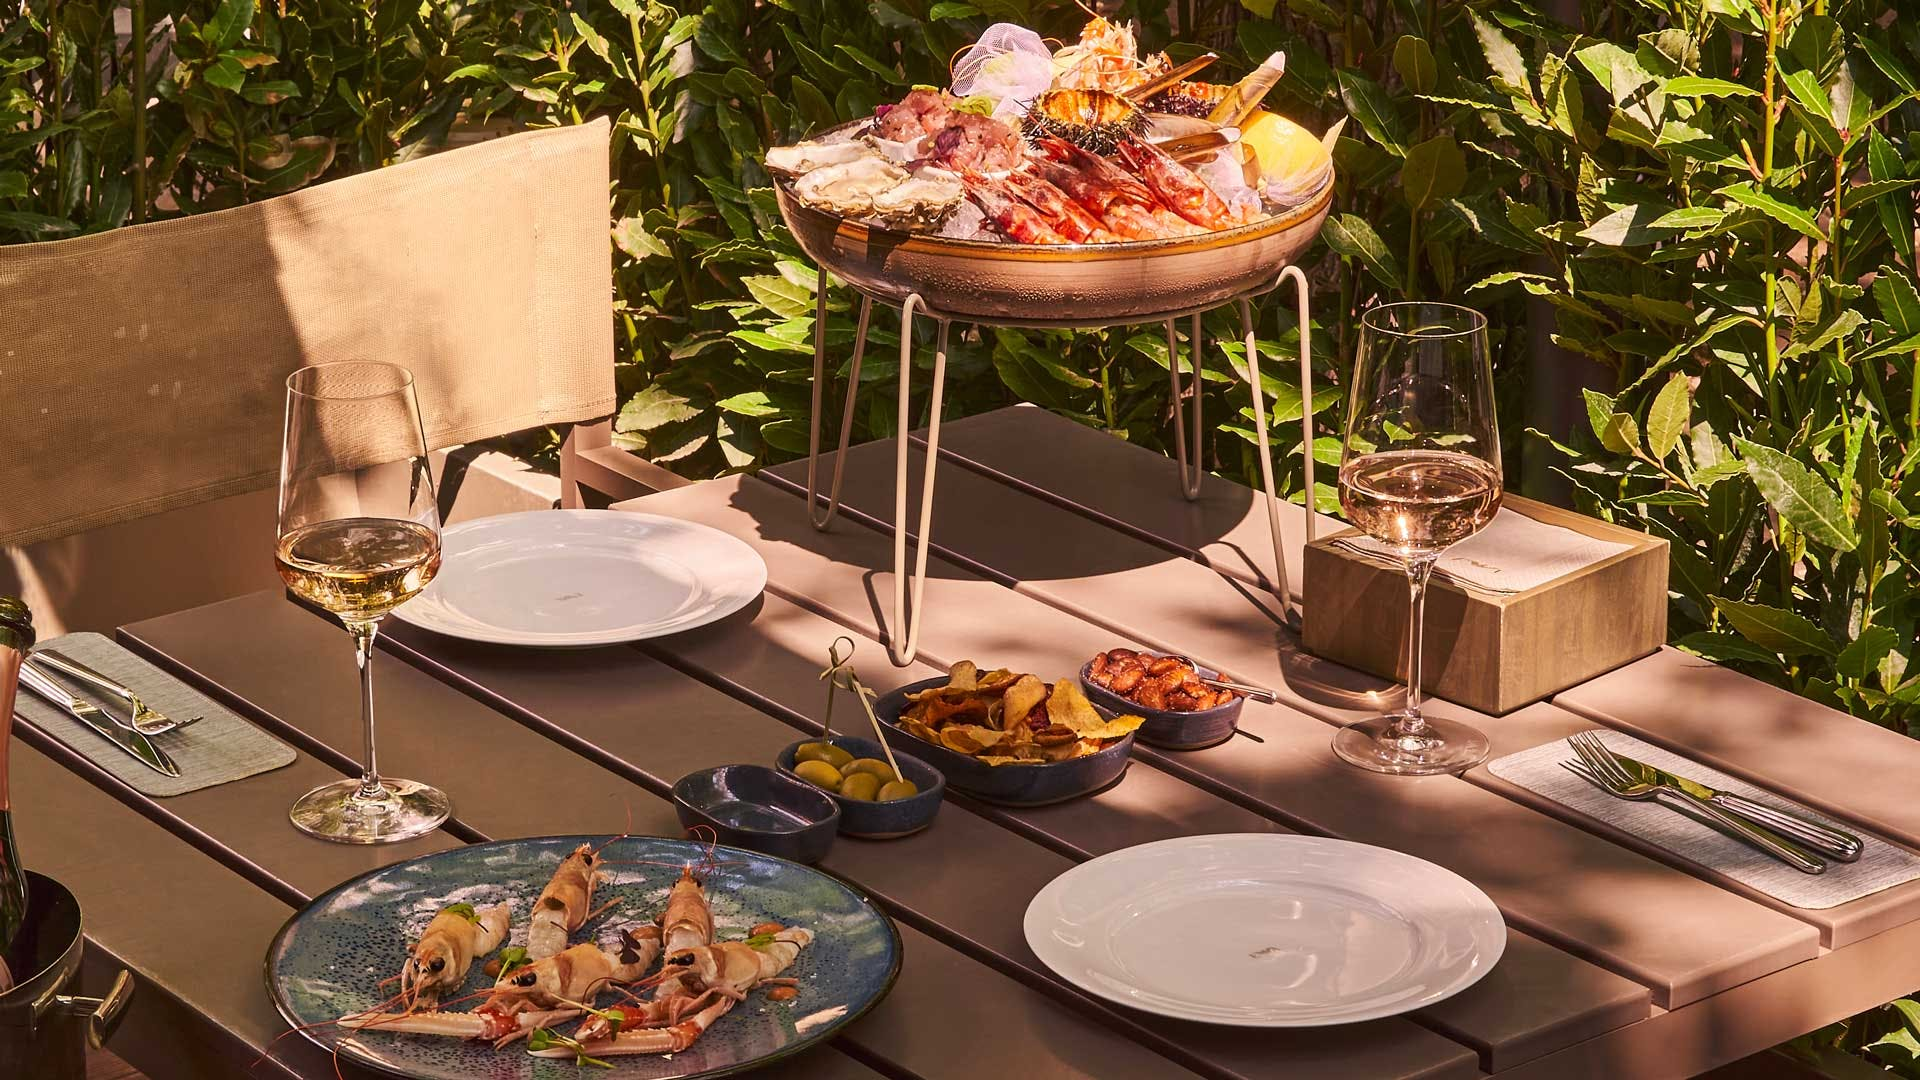 Nella foto un immagine di un ristorante all'aperto con la tavola bandita